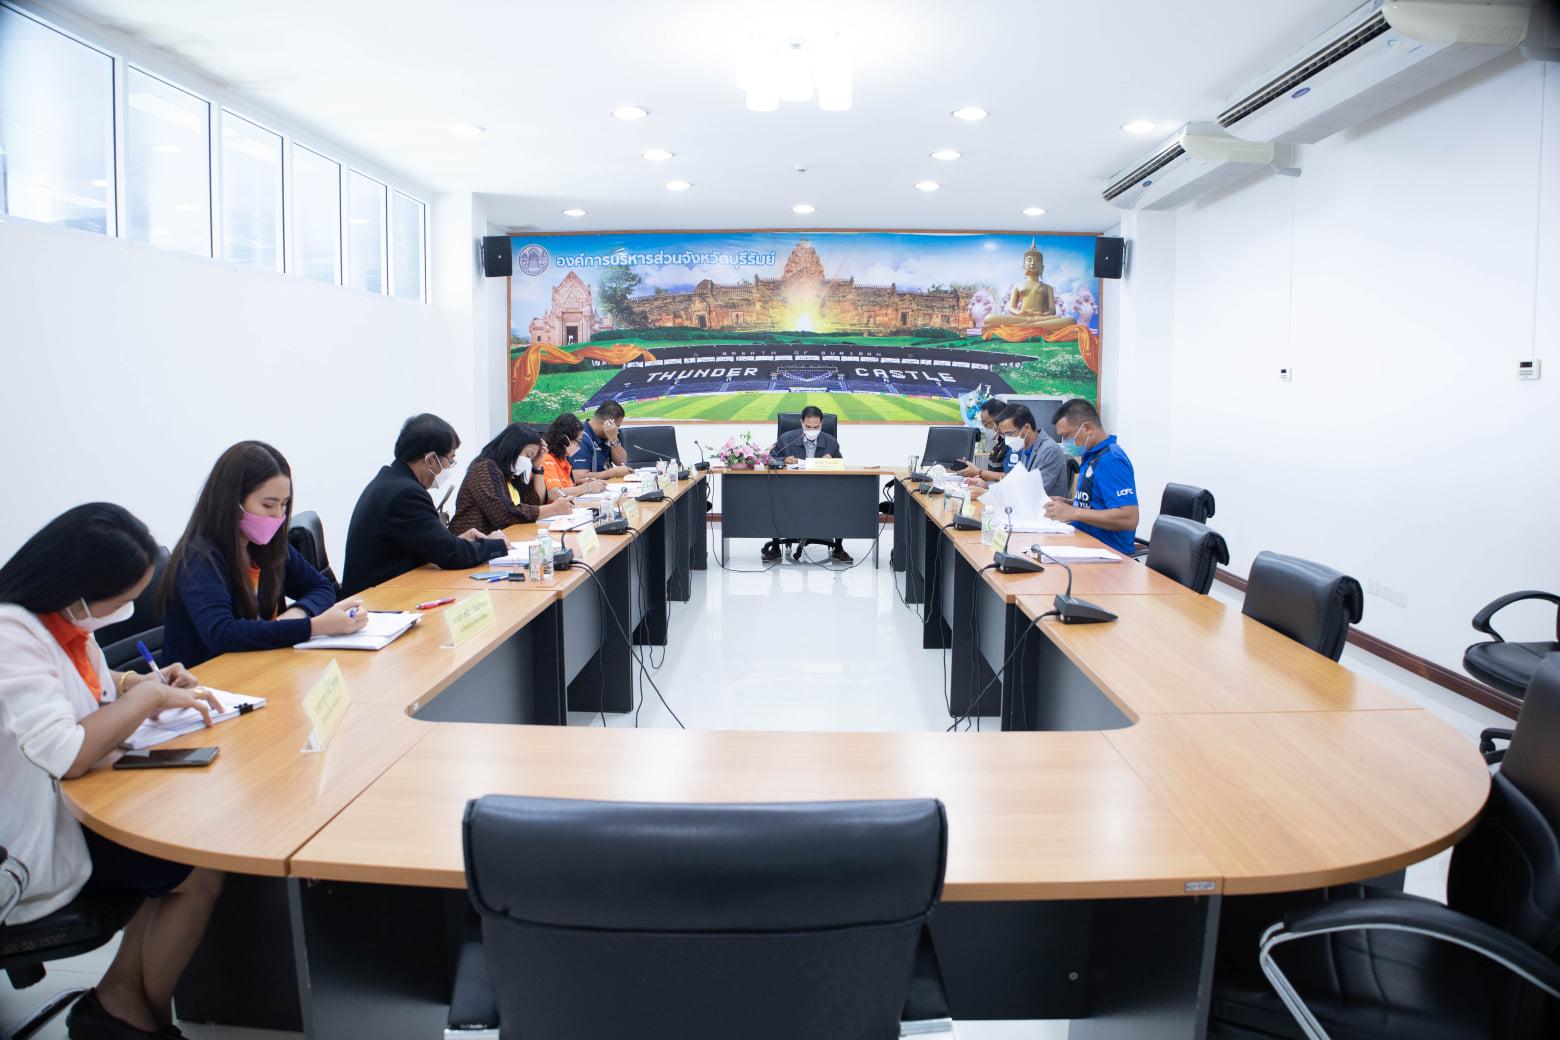 การประชุมคณะกรรมการการศึกษาขององค์การบริหารส่วนจังหวัดบุรีรัมย์